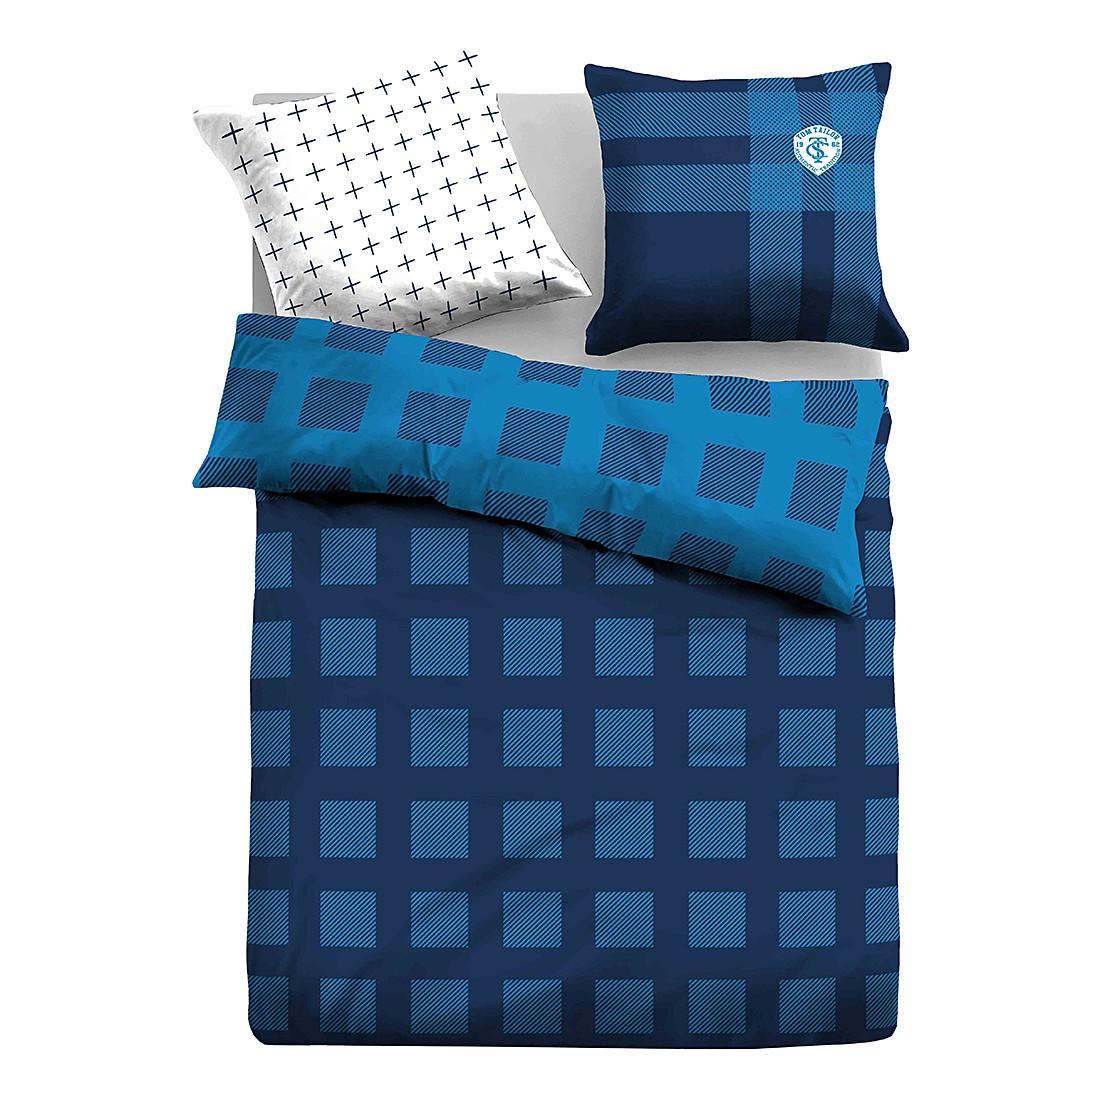 Satin Bettwäsche Gitter – Hellblau / Dunkelblau – 155 x 220 cm + Kissen 80 x 80 cm, Tom Tailor günstig kaufen